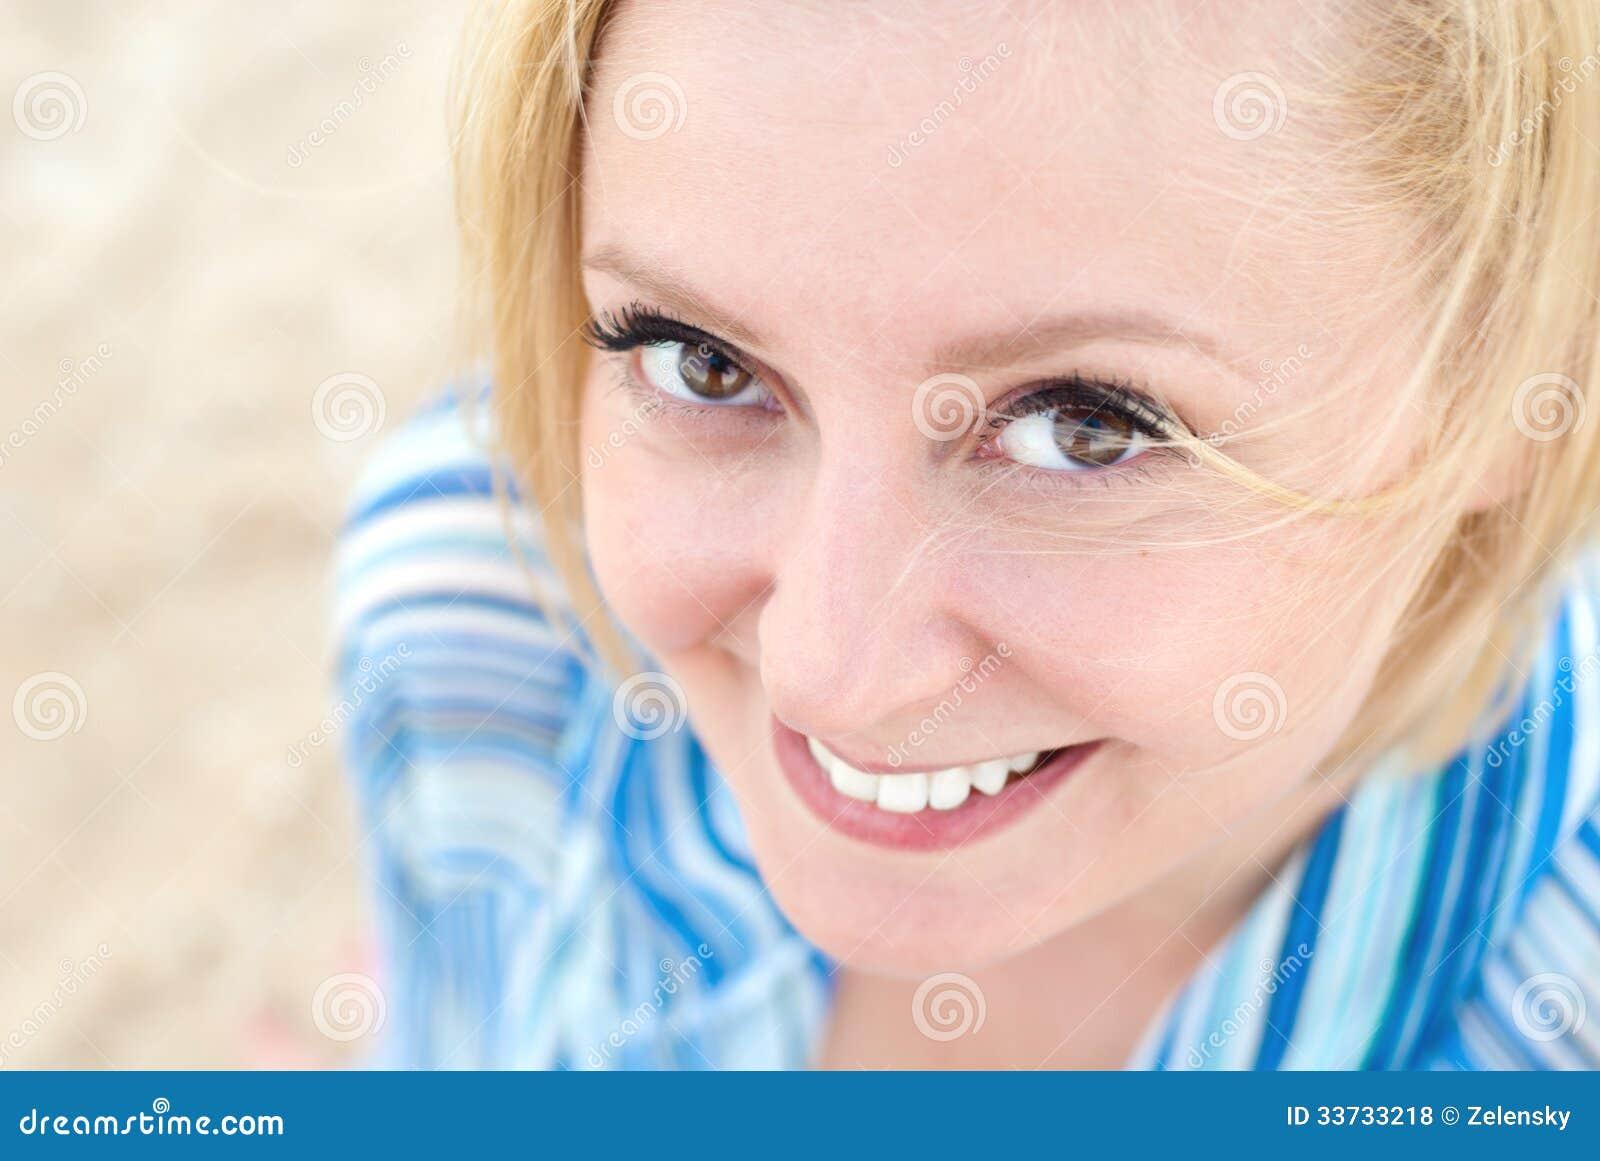 Содружественная улыбка